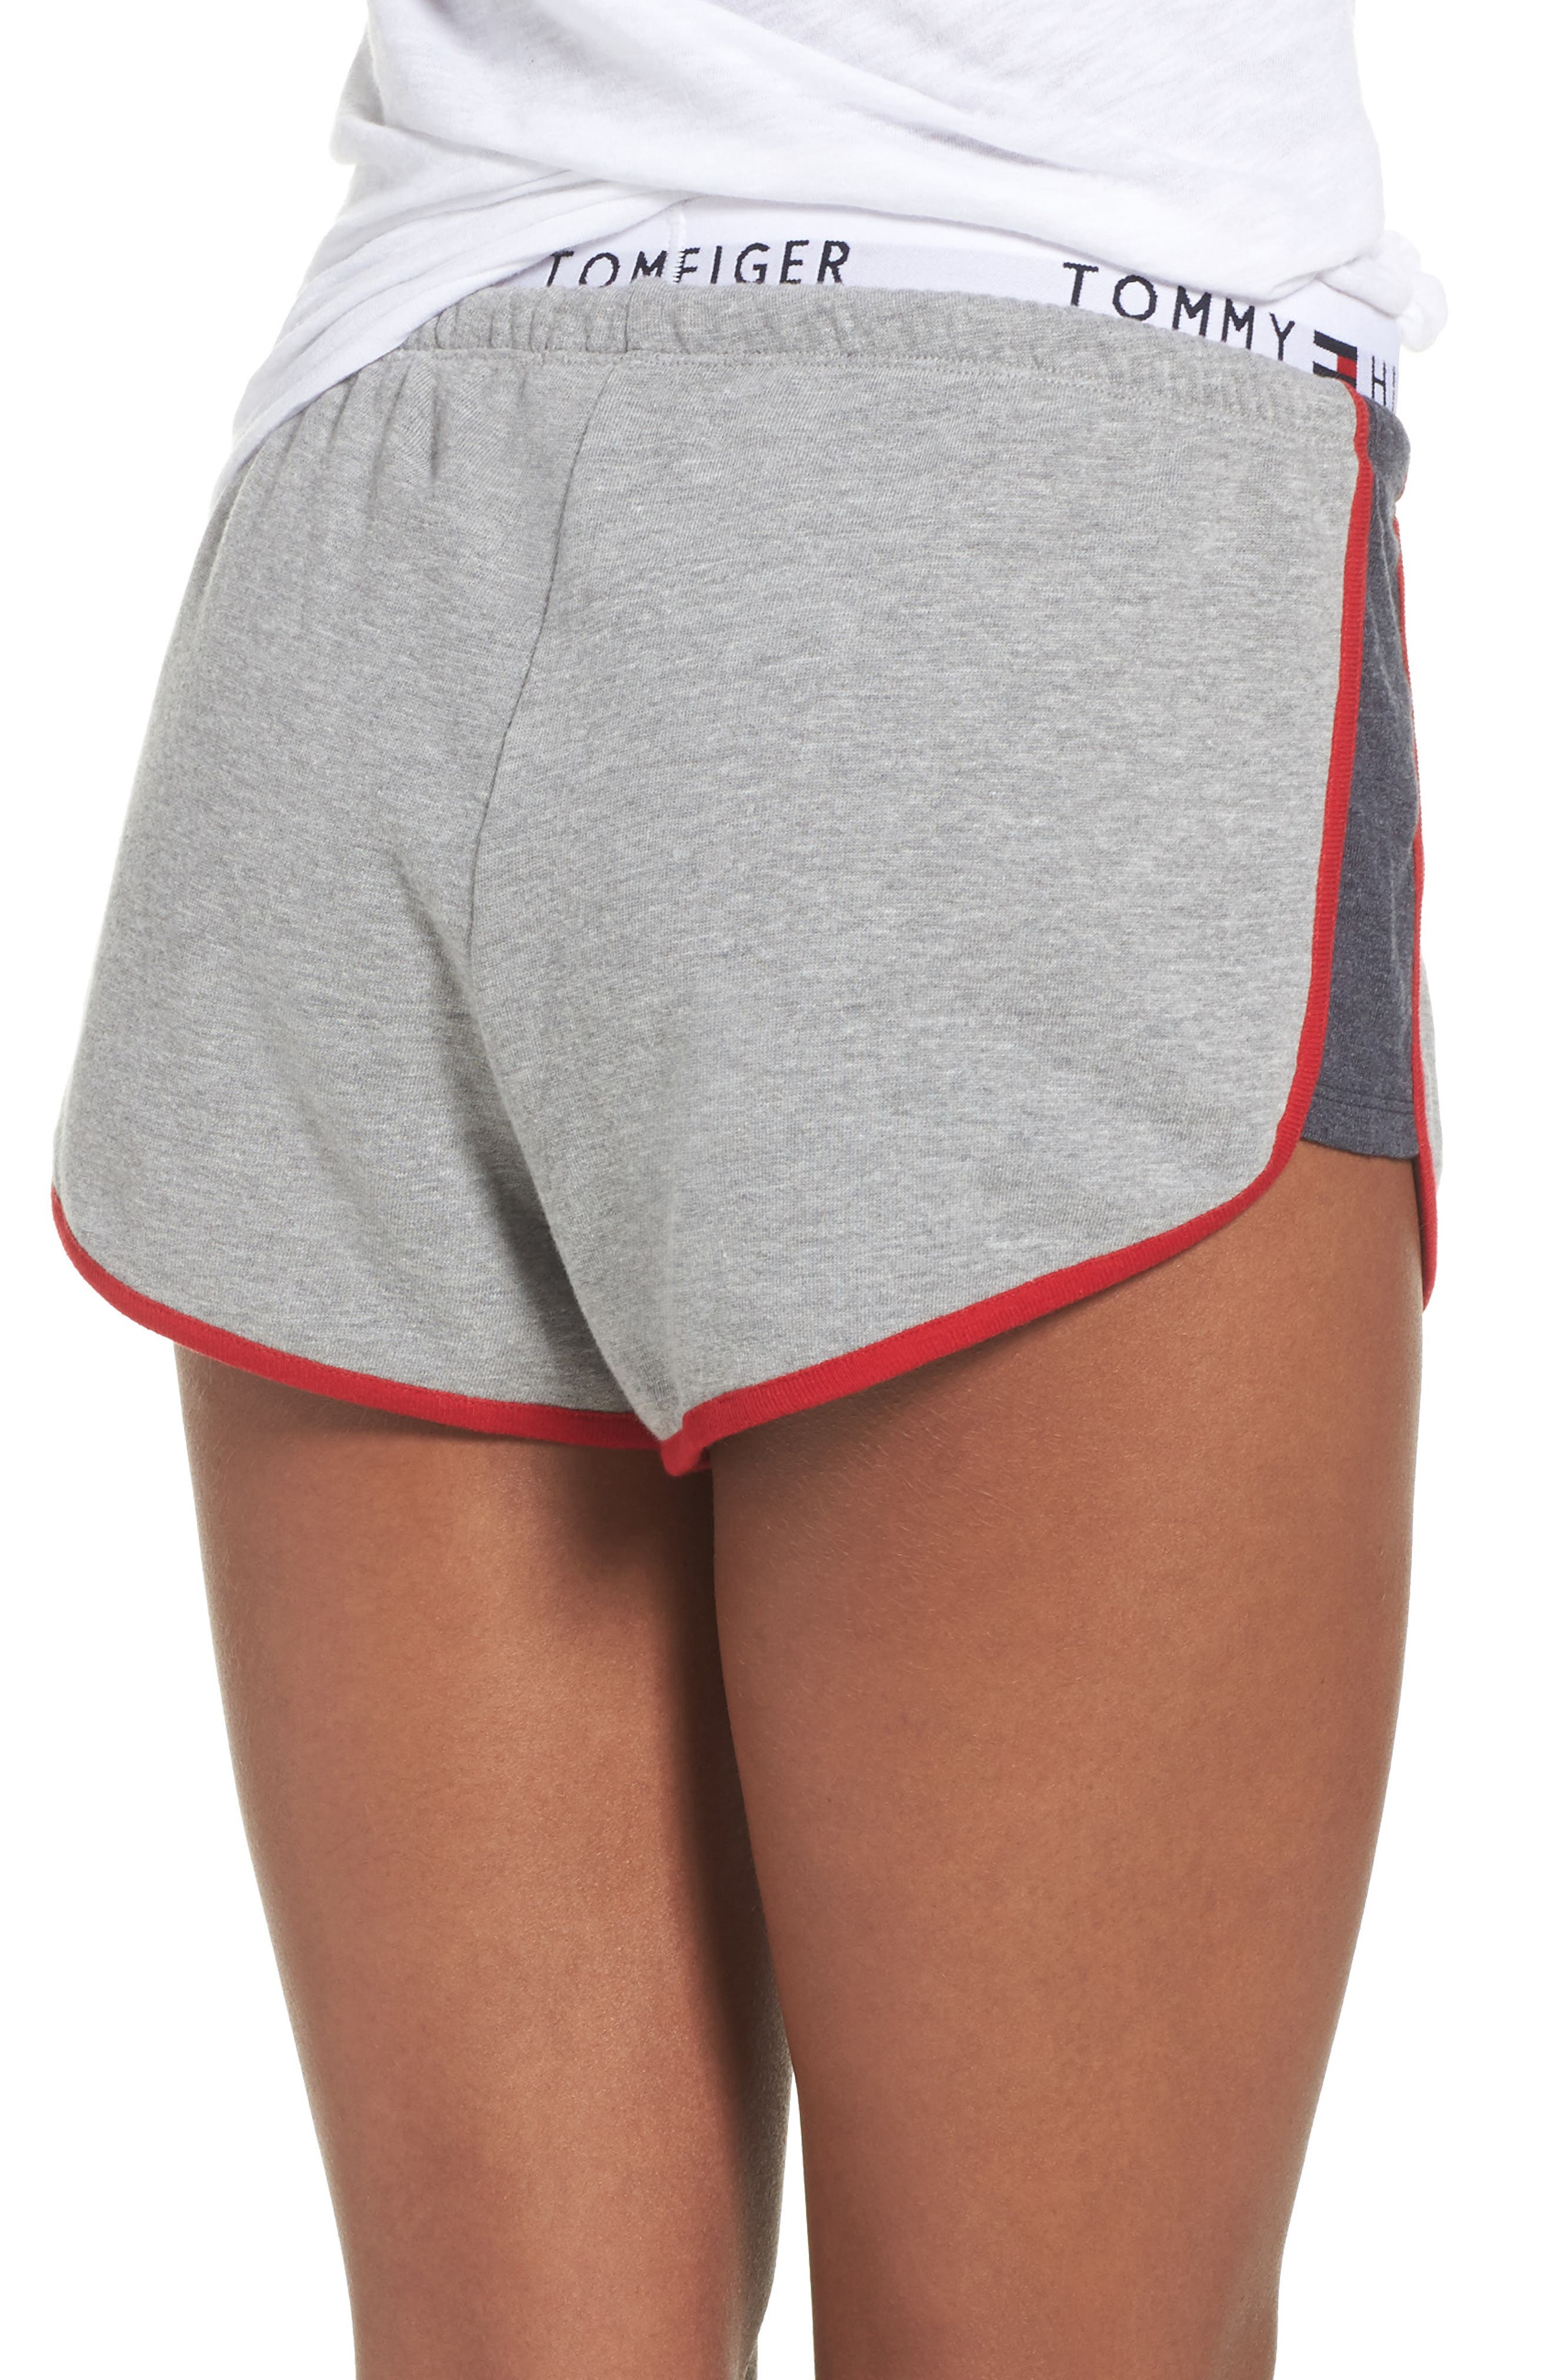 TH Retro Shorts,                             Alternate thumbnail 2, color,                             020